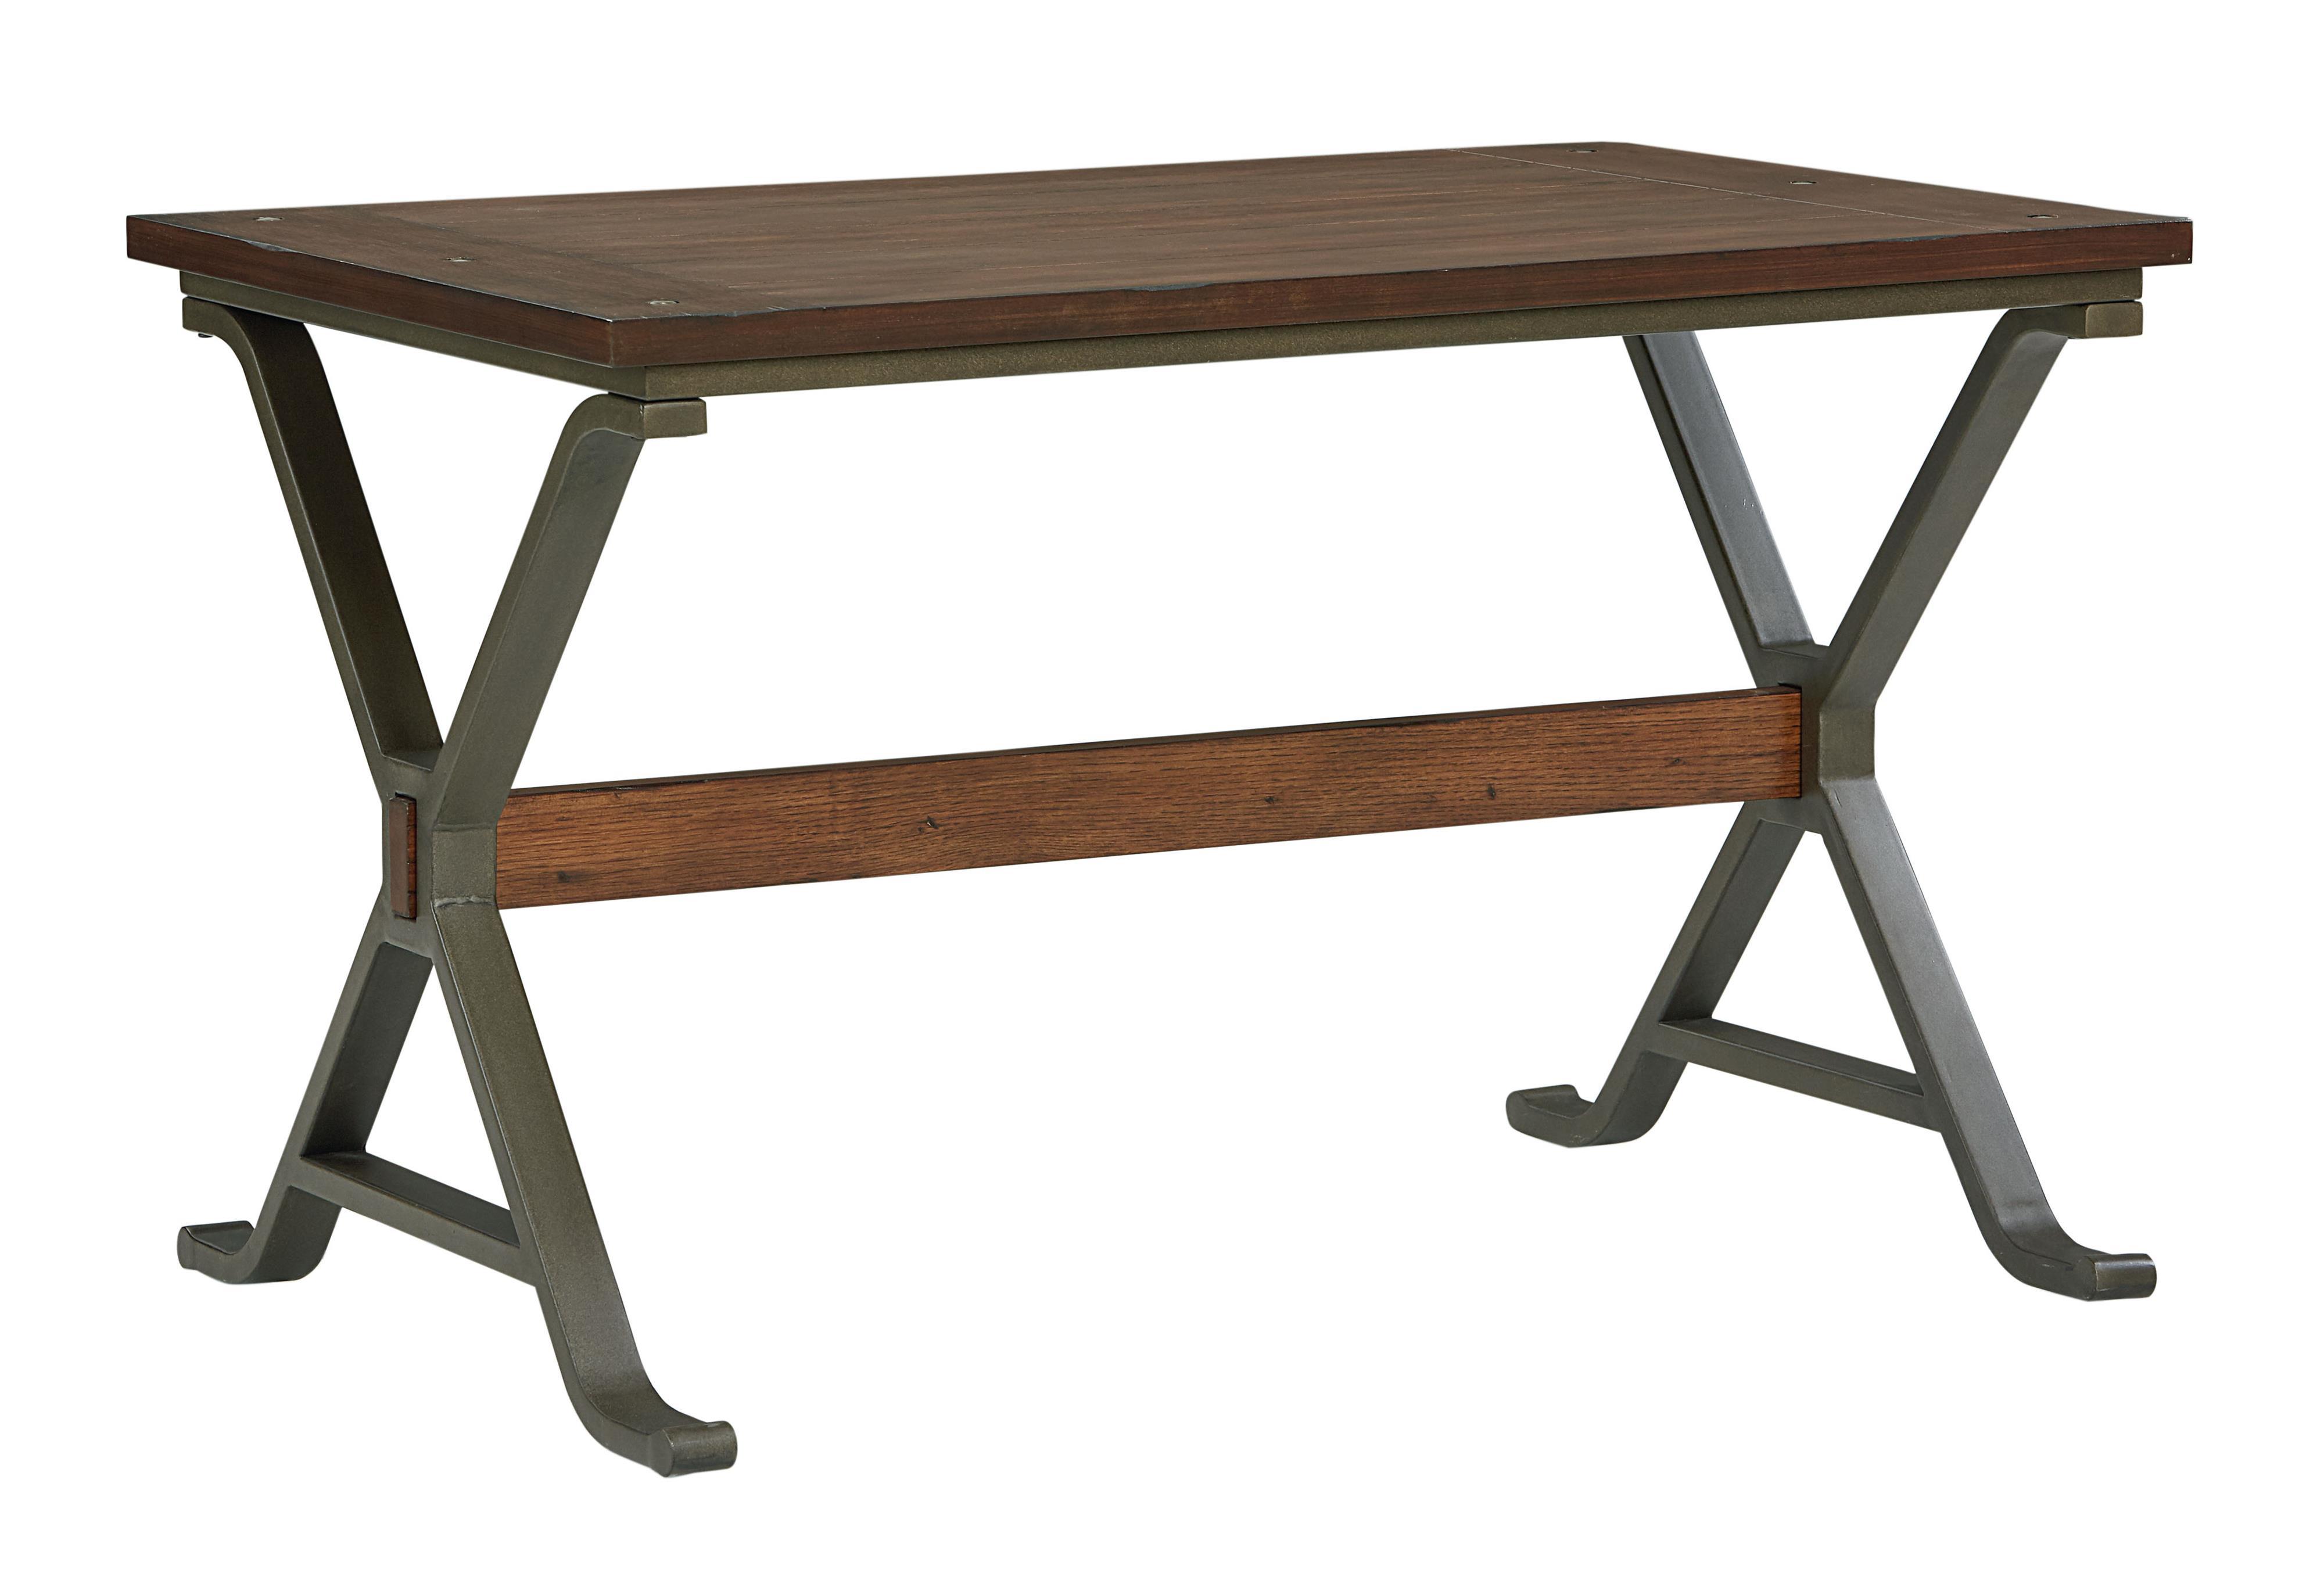 Standard Furniture Reynolds Table - Item Number: 11081+2011081